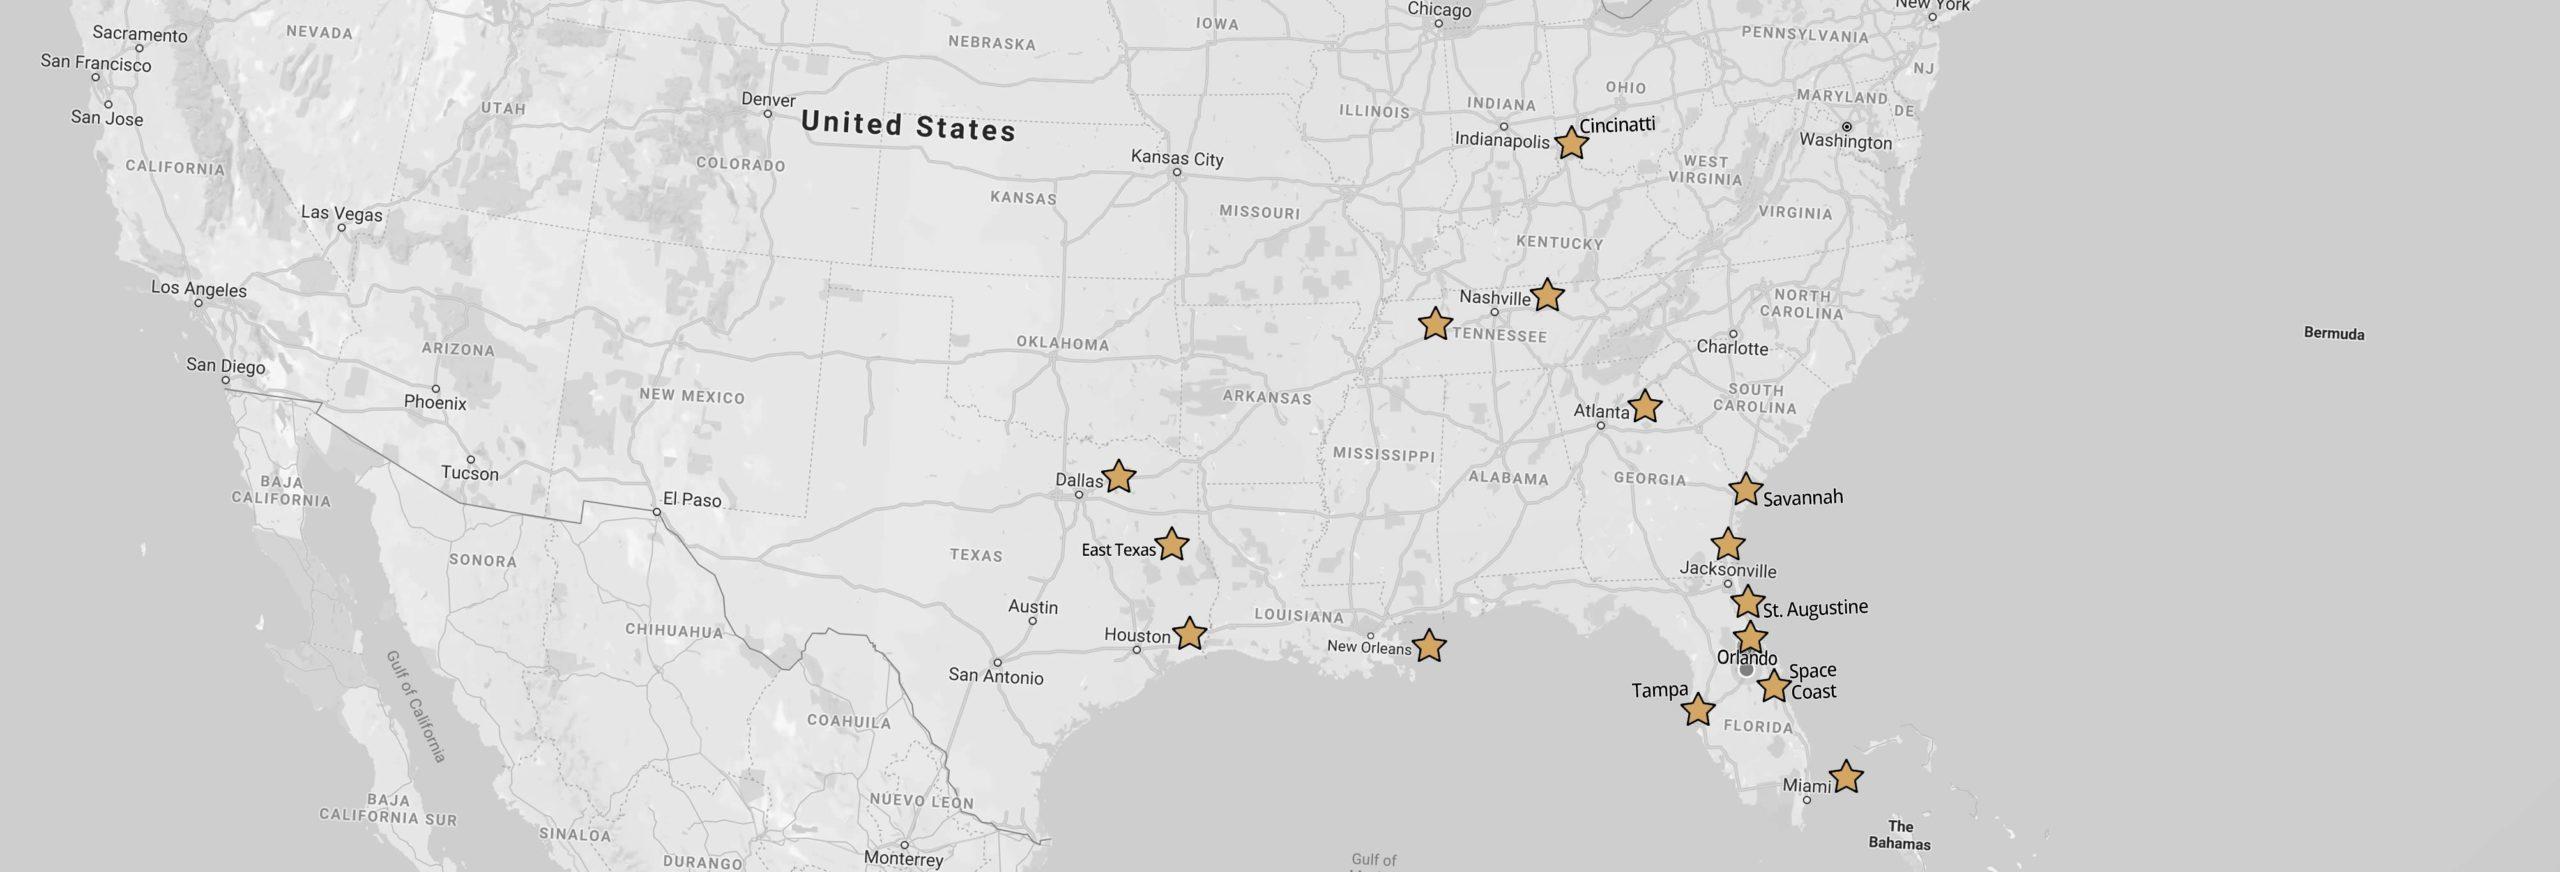 Sensational Ceremonies Map